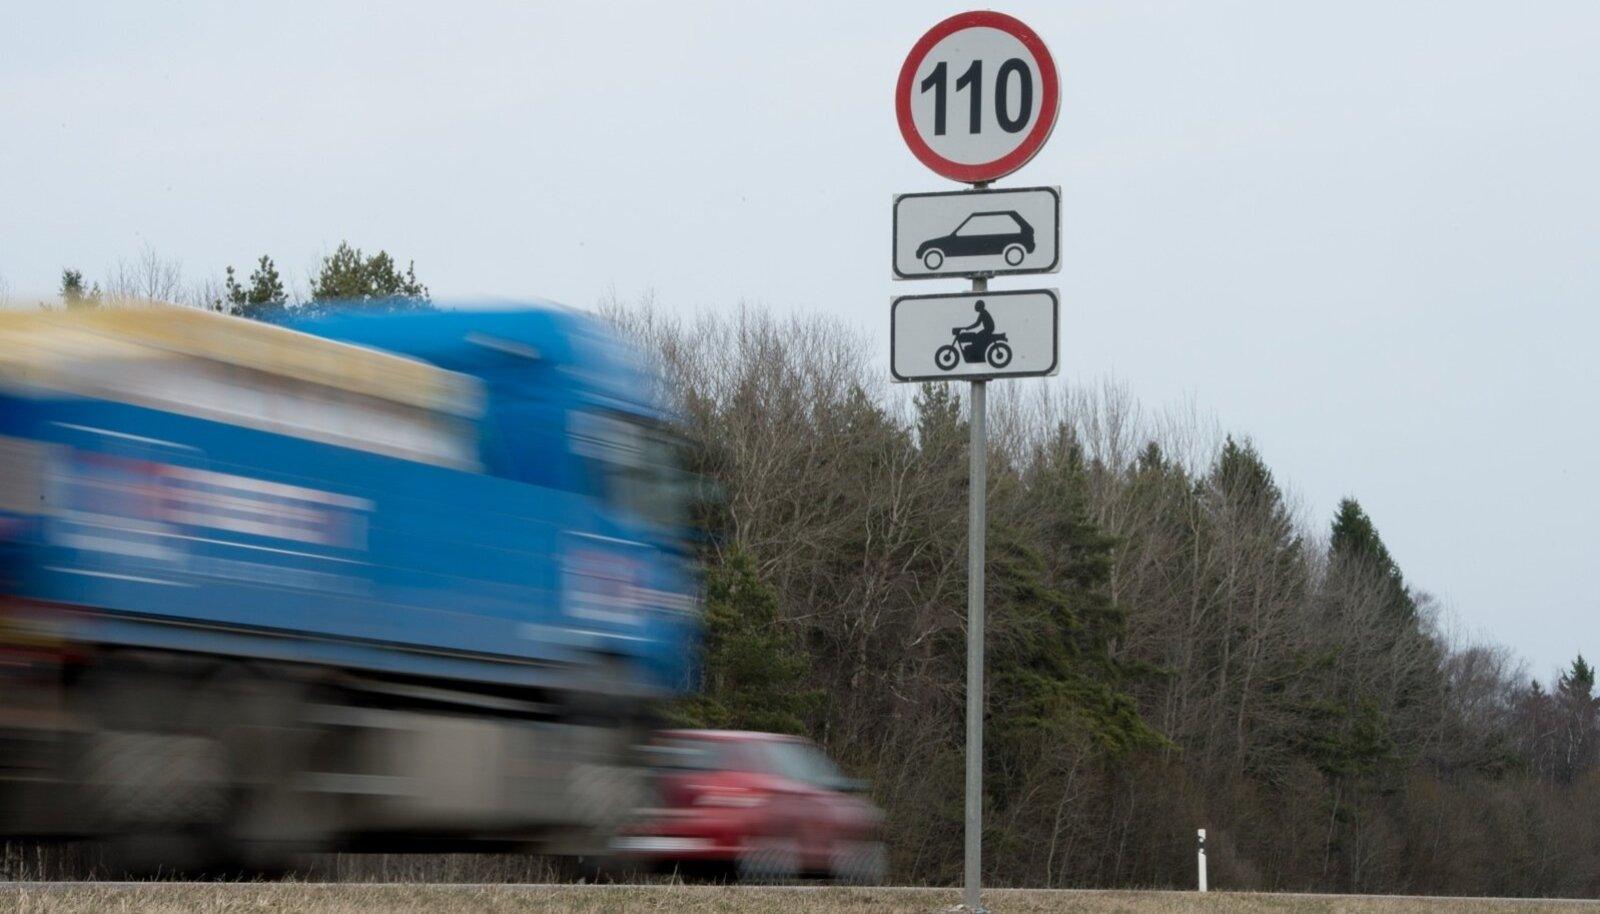 Liiklusmärk 110